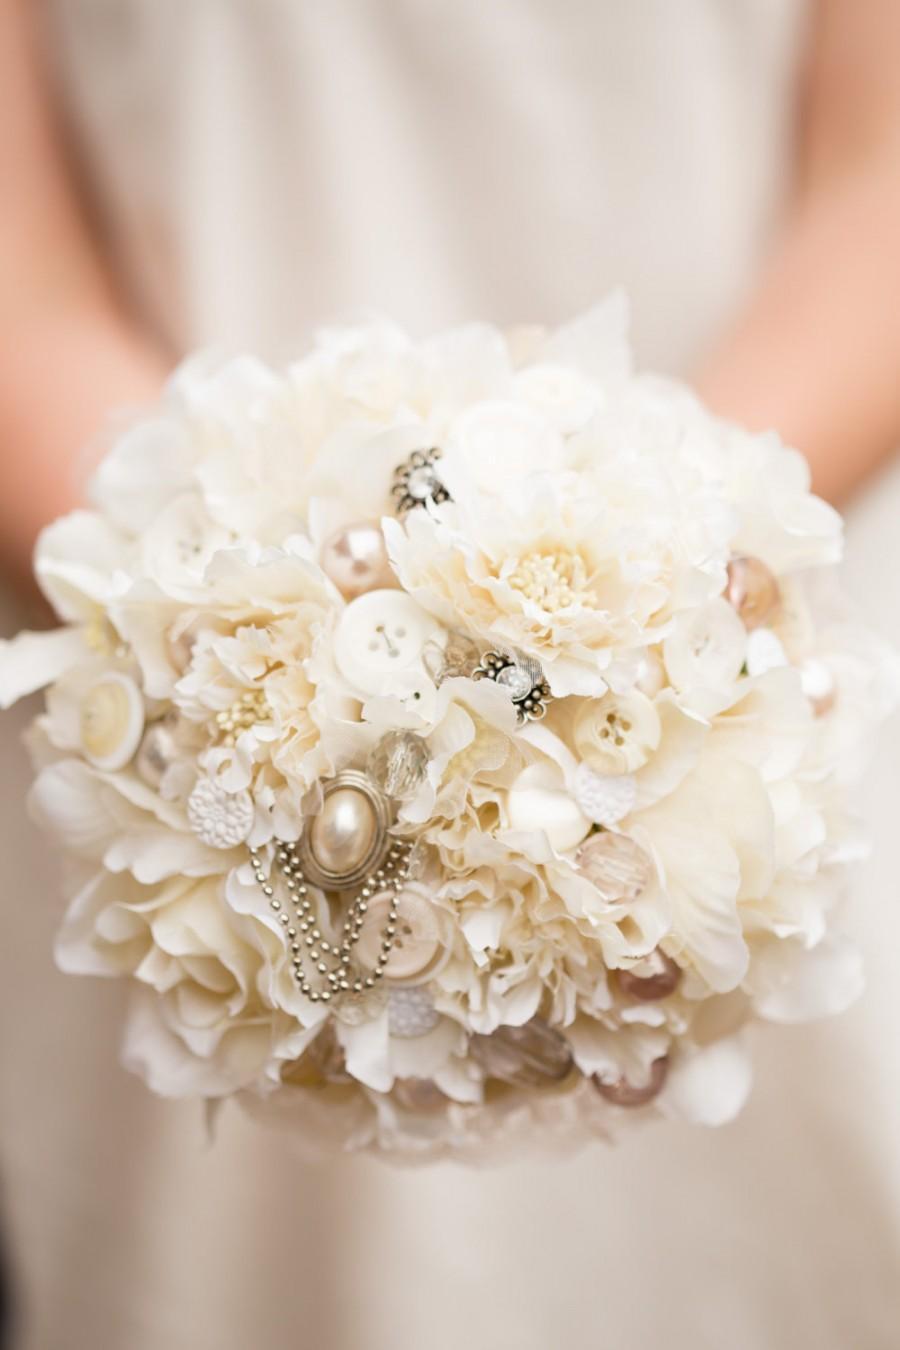 Hochzeit - vintage style cream button and flower bouquet